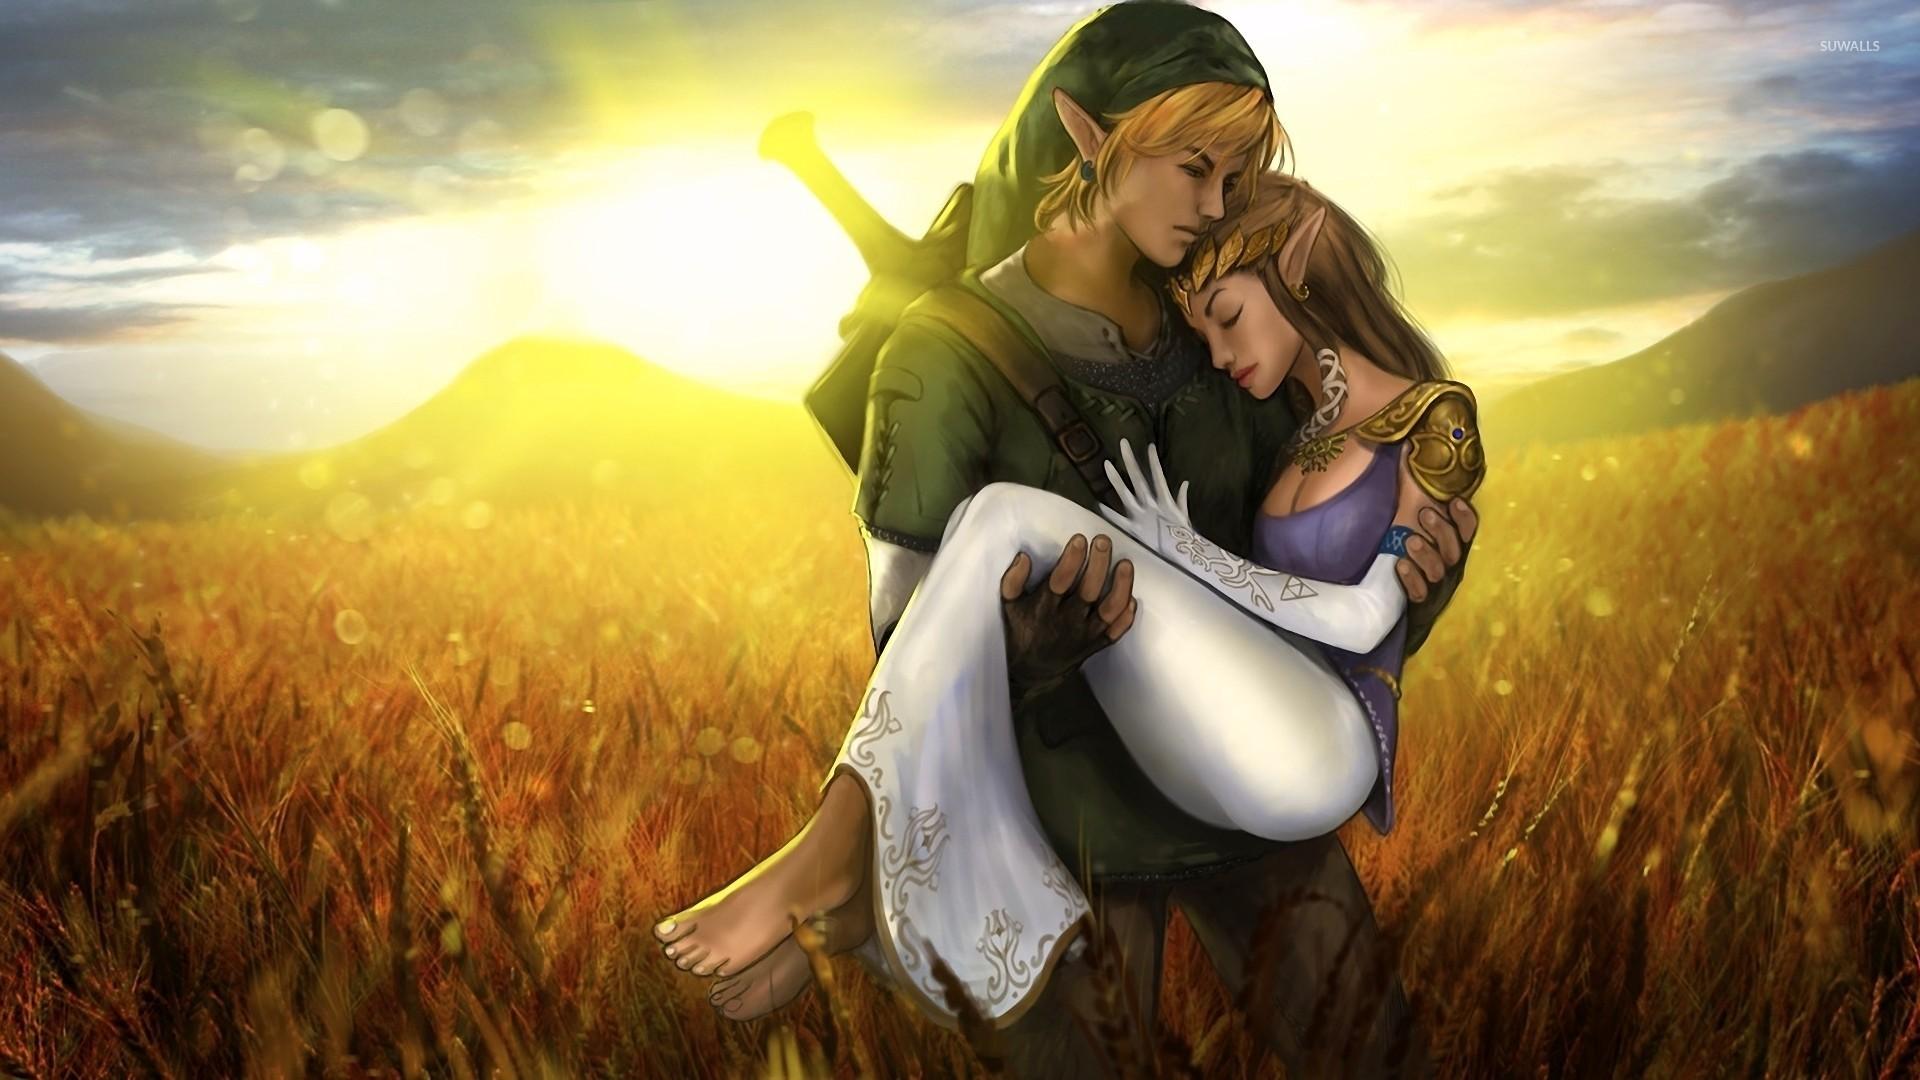 Wallpaper Love X : Link and Zelda - The Legend of Zelda wallpaper - Game wallpapers - #20056